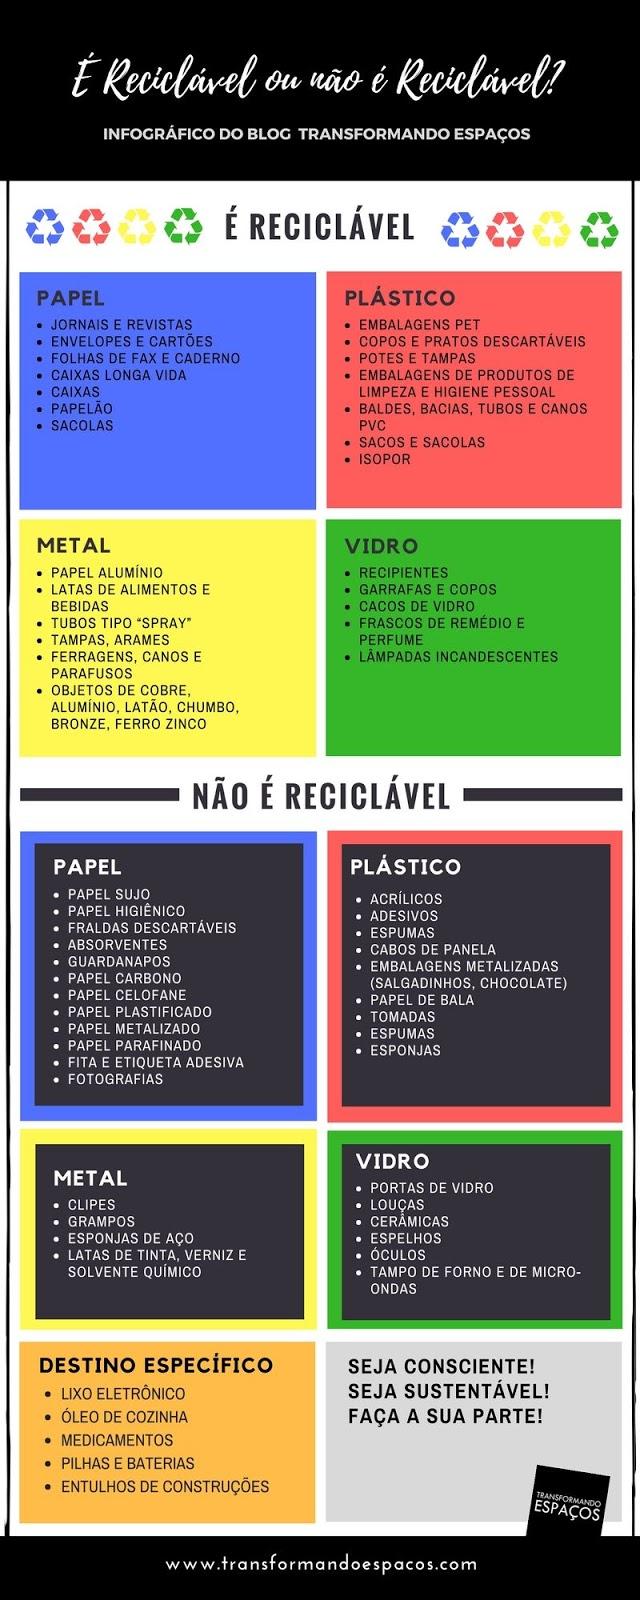 Infográfico: É reciclável ou não é reciclável?